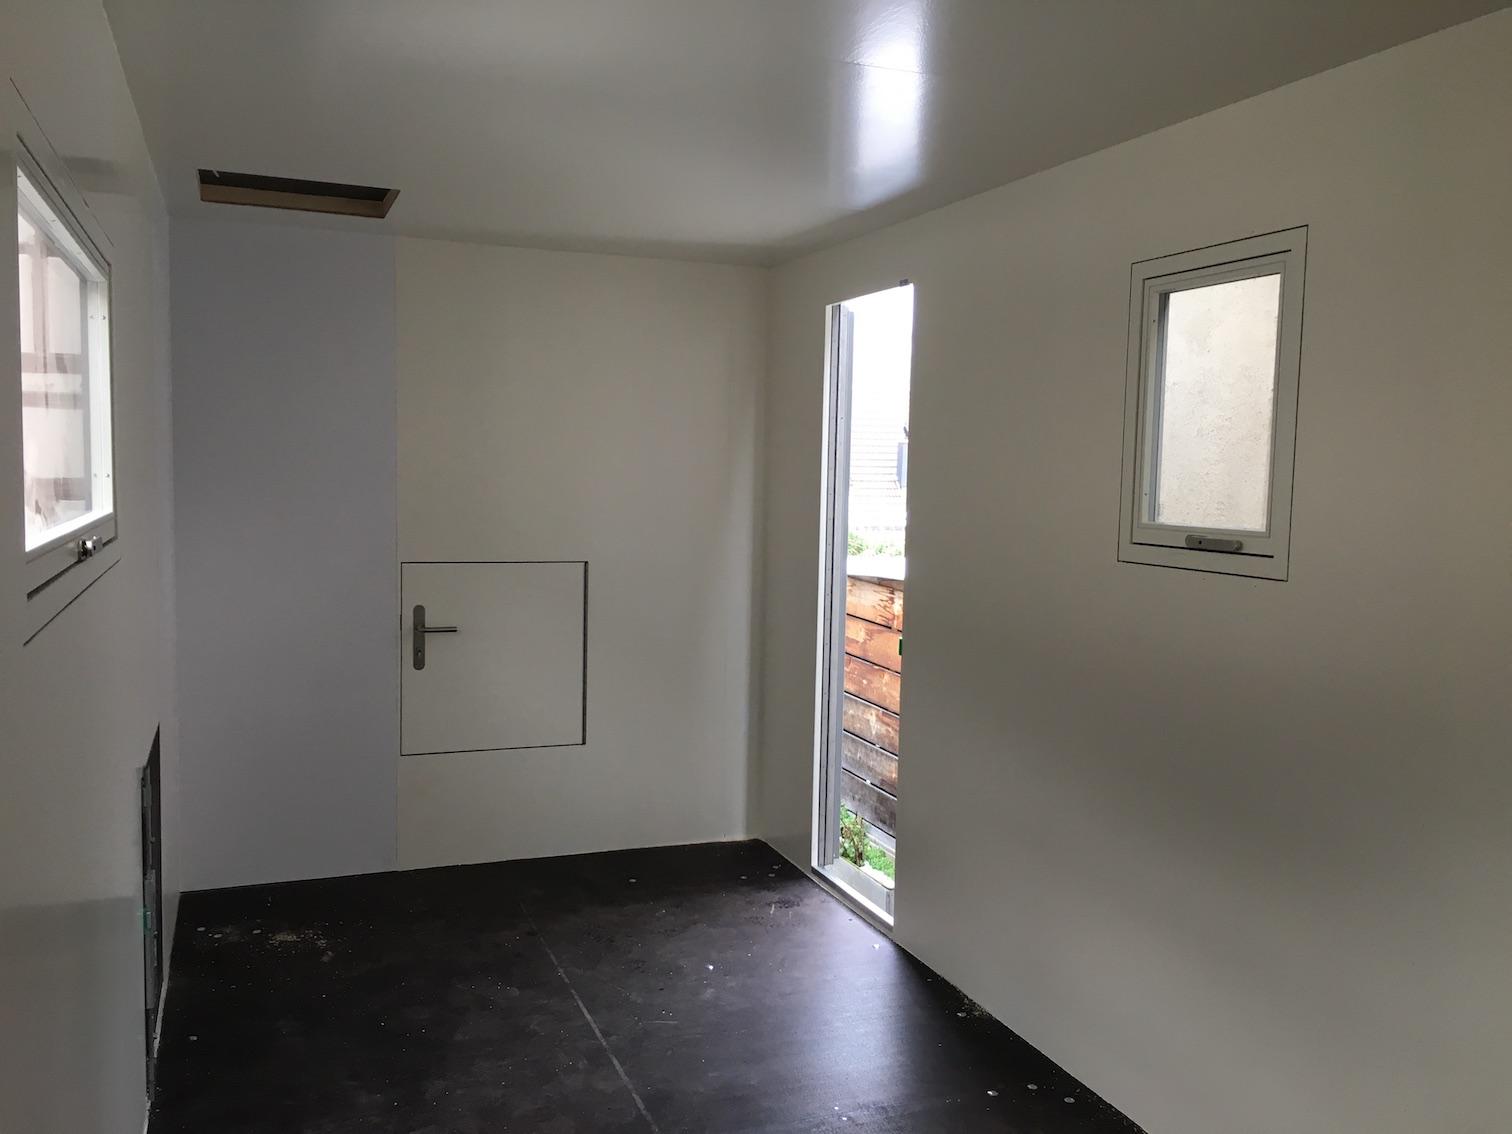 Die Leerkabine mit der Türe zum Durchschlupf im Wohnmobile